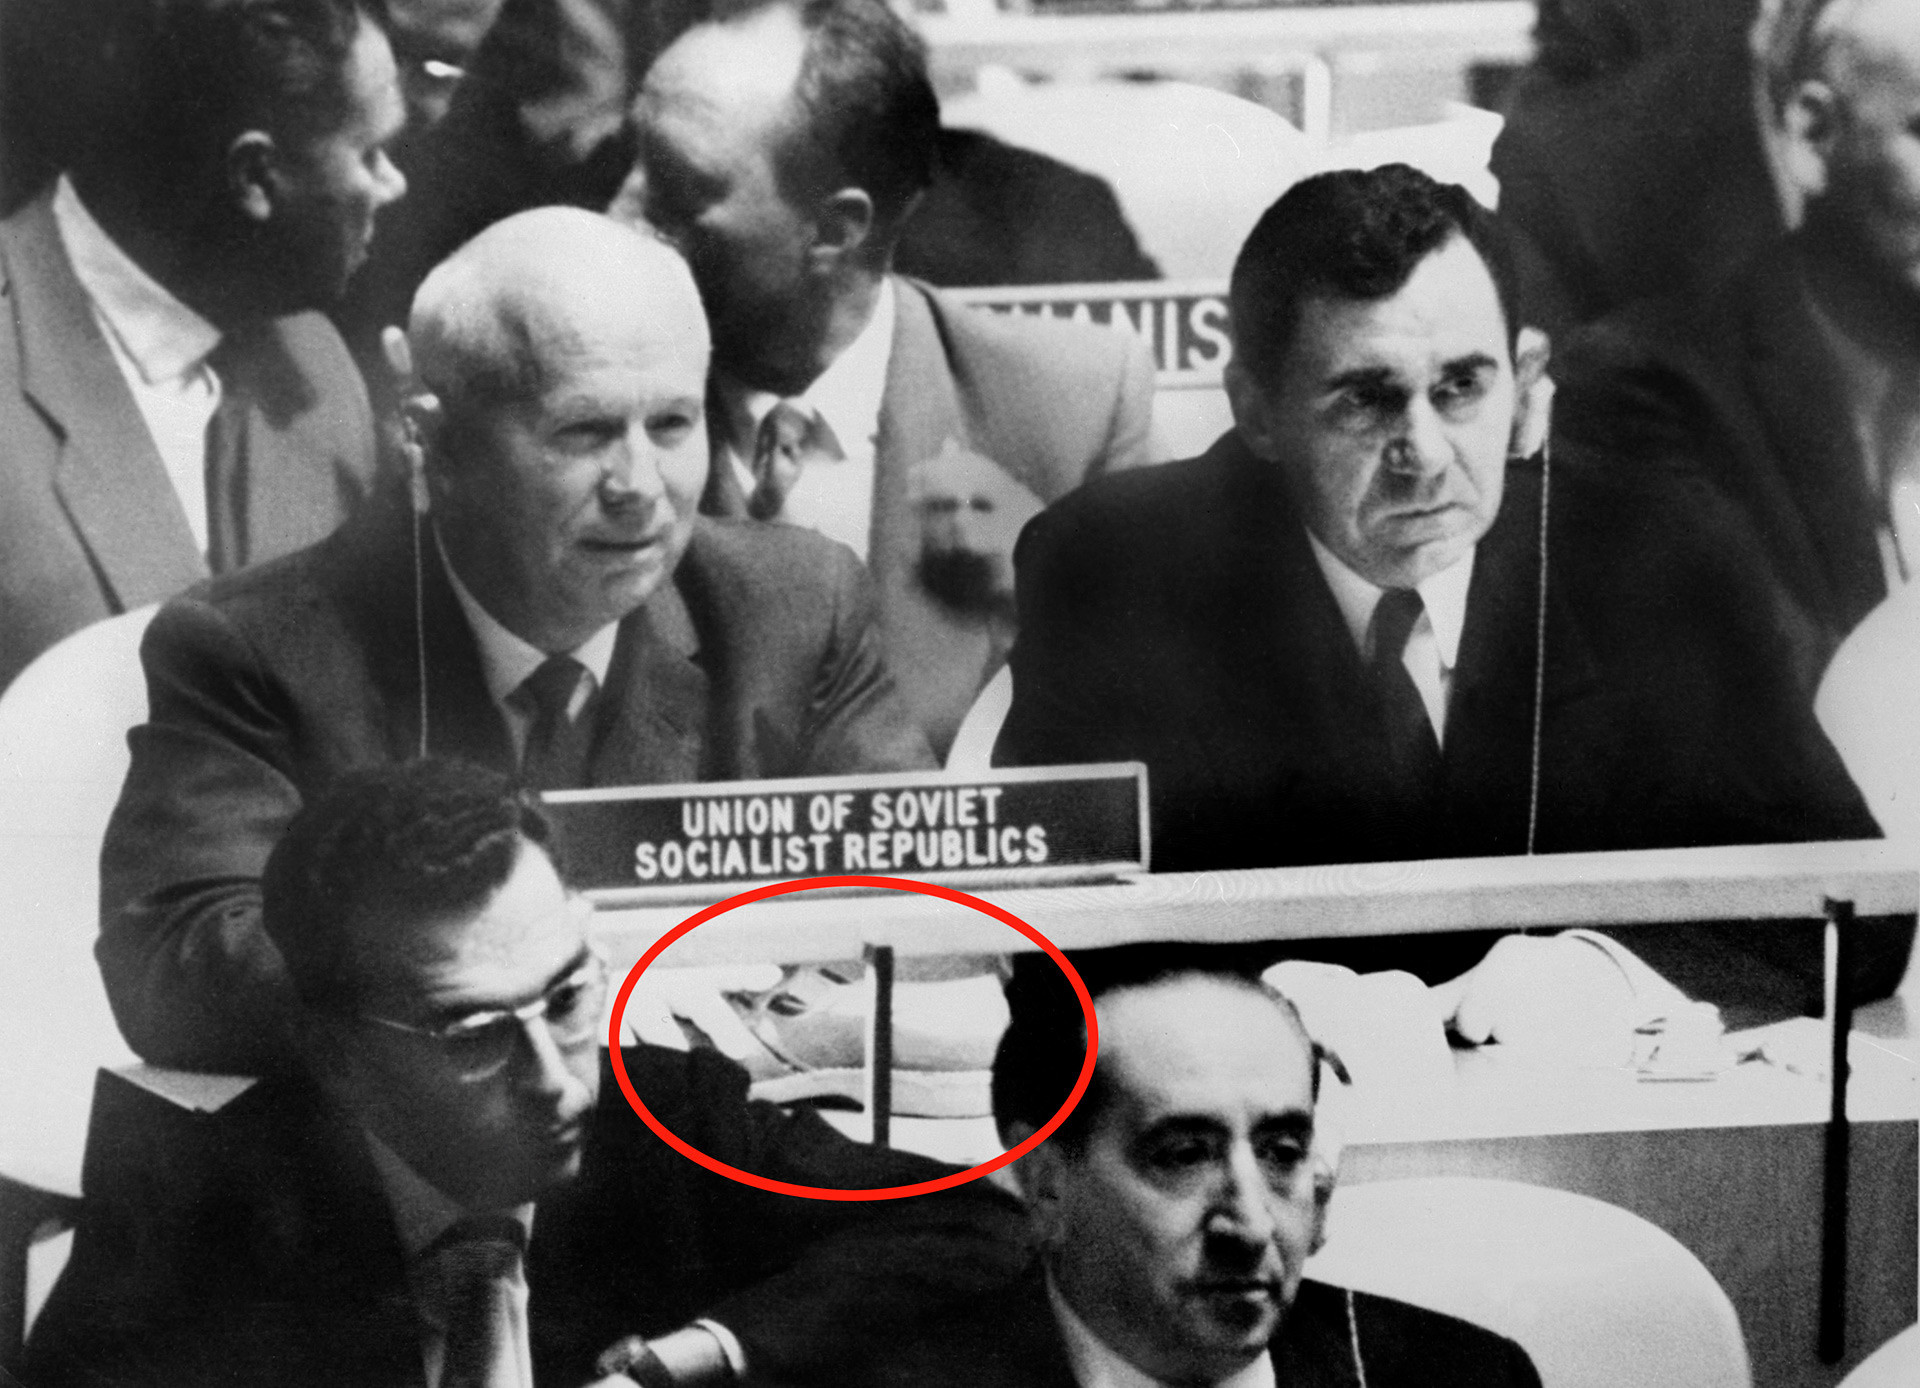 Foto verdadeira de Khruschov com o ministro dos Negócios Estrangeiros soviético Andrêi Gromiko (dir.) na Assembleia da ONU; círculo vermelho destaca sapato do líder soviético sobre a mesa